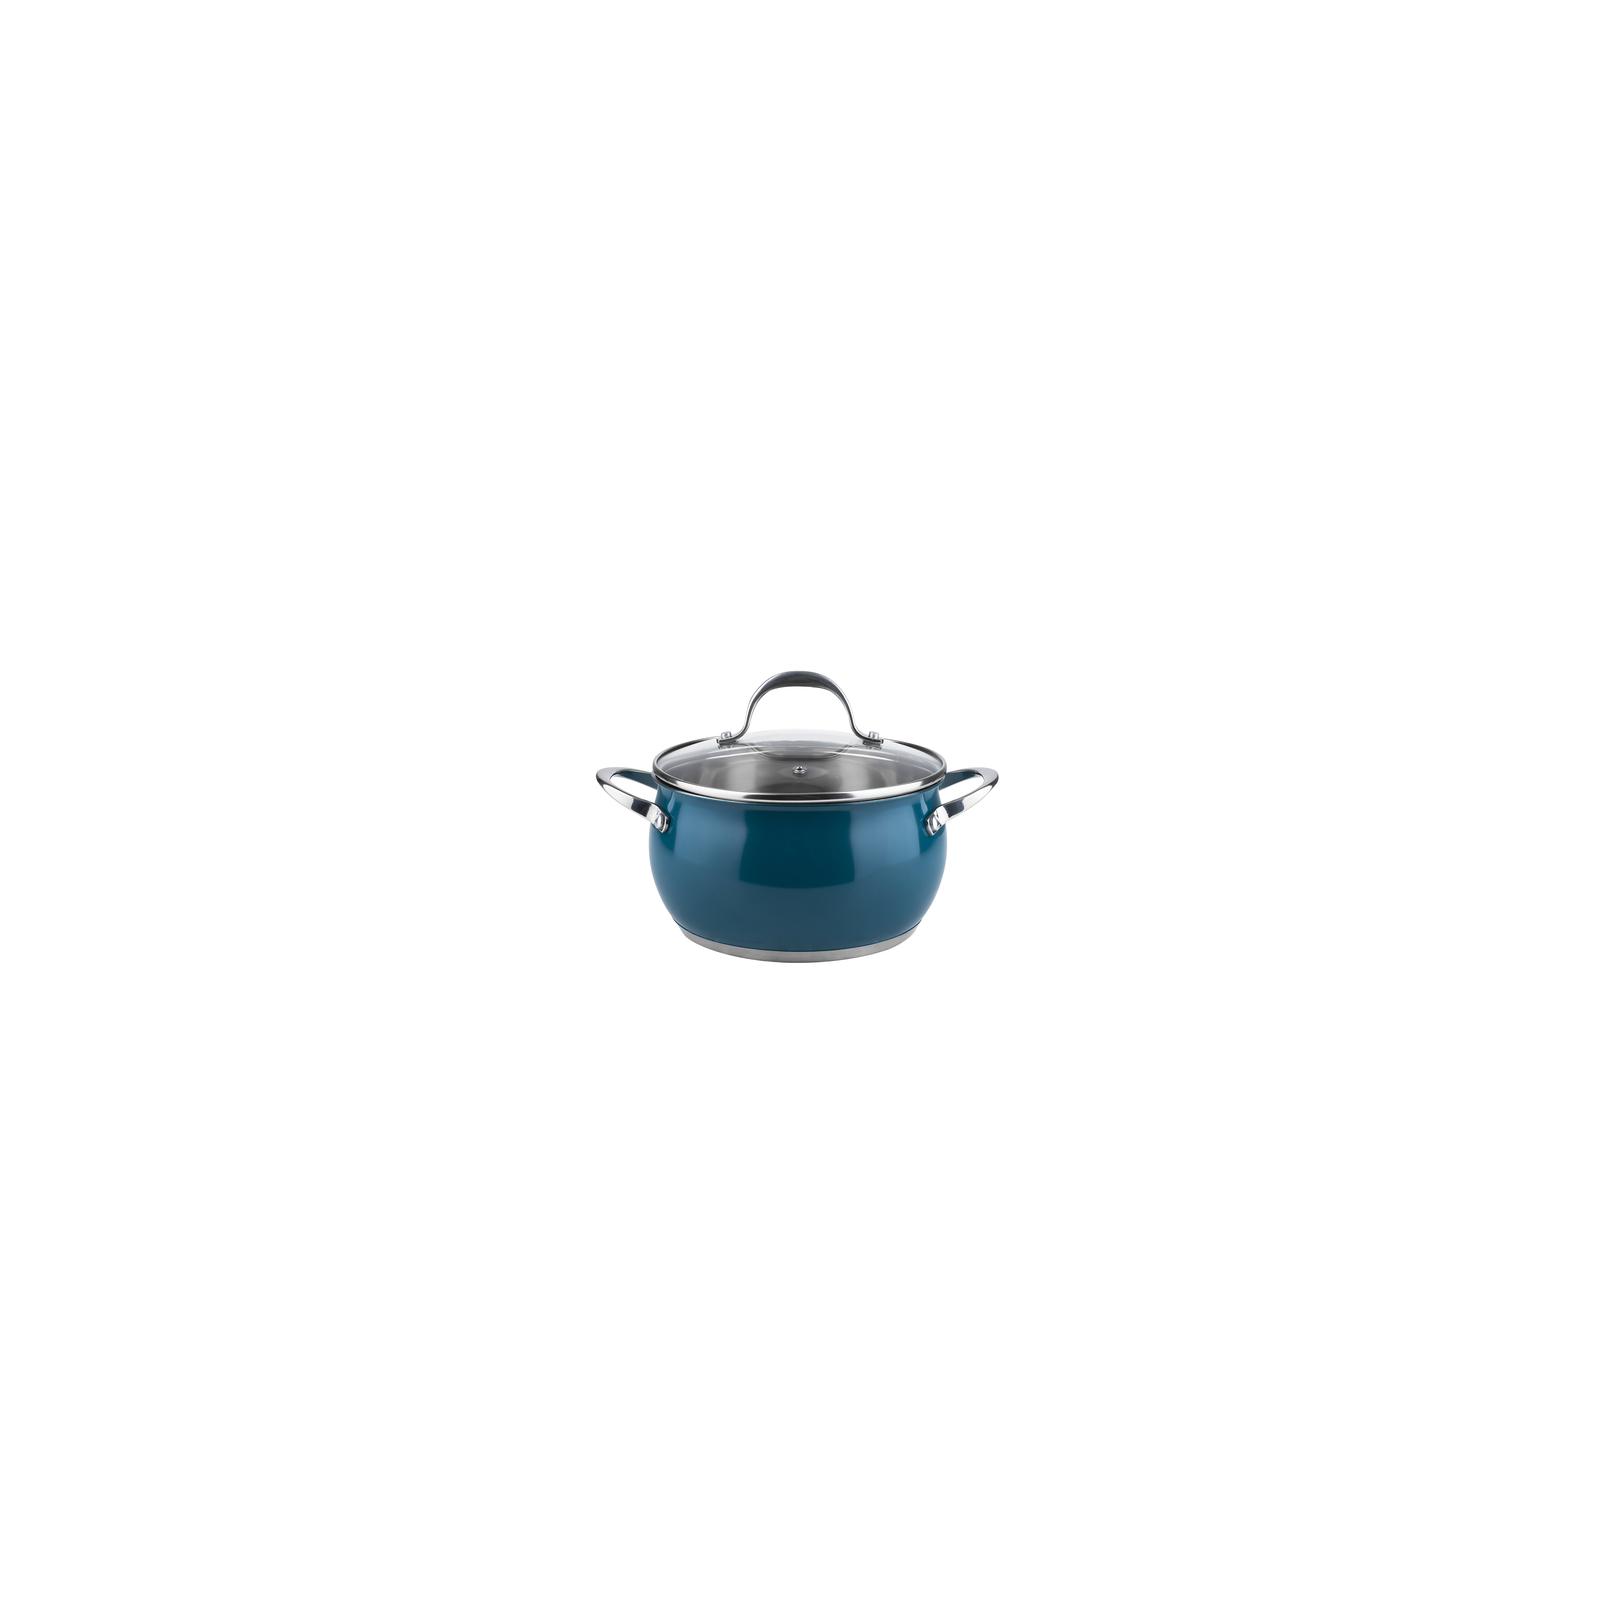 Кастрюля Ringel Bavaria с крышкой 2.5 л blue (RG-2009-18/2)